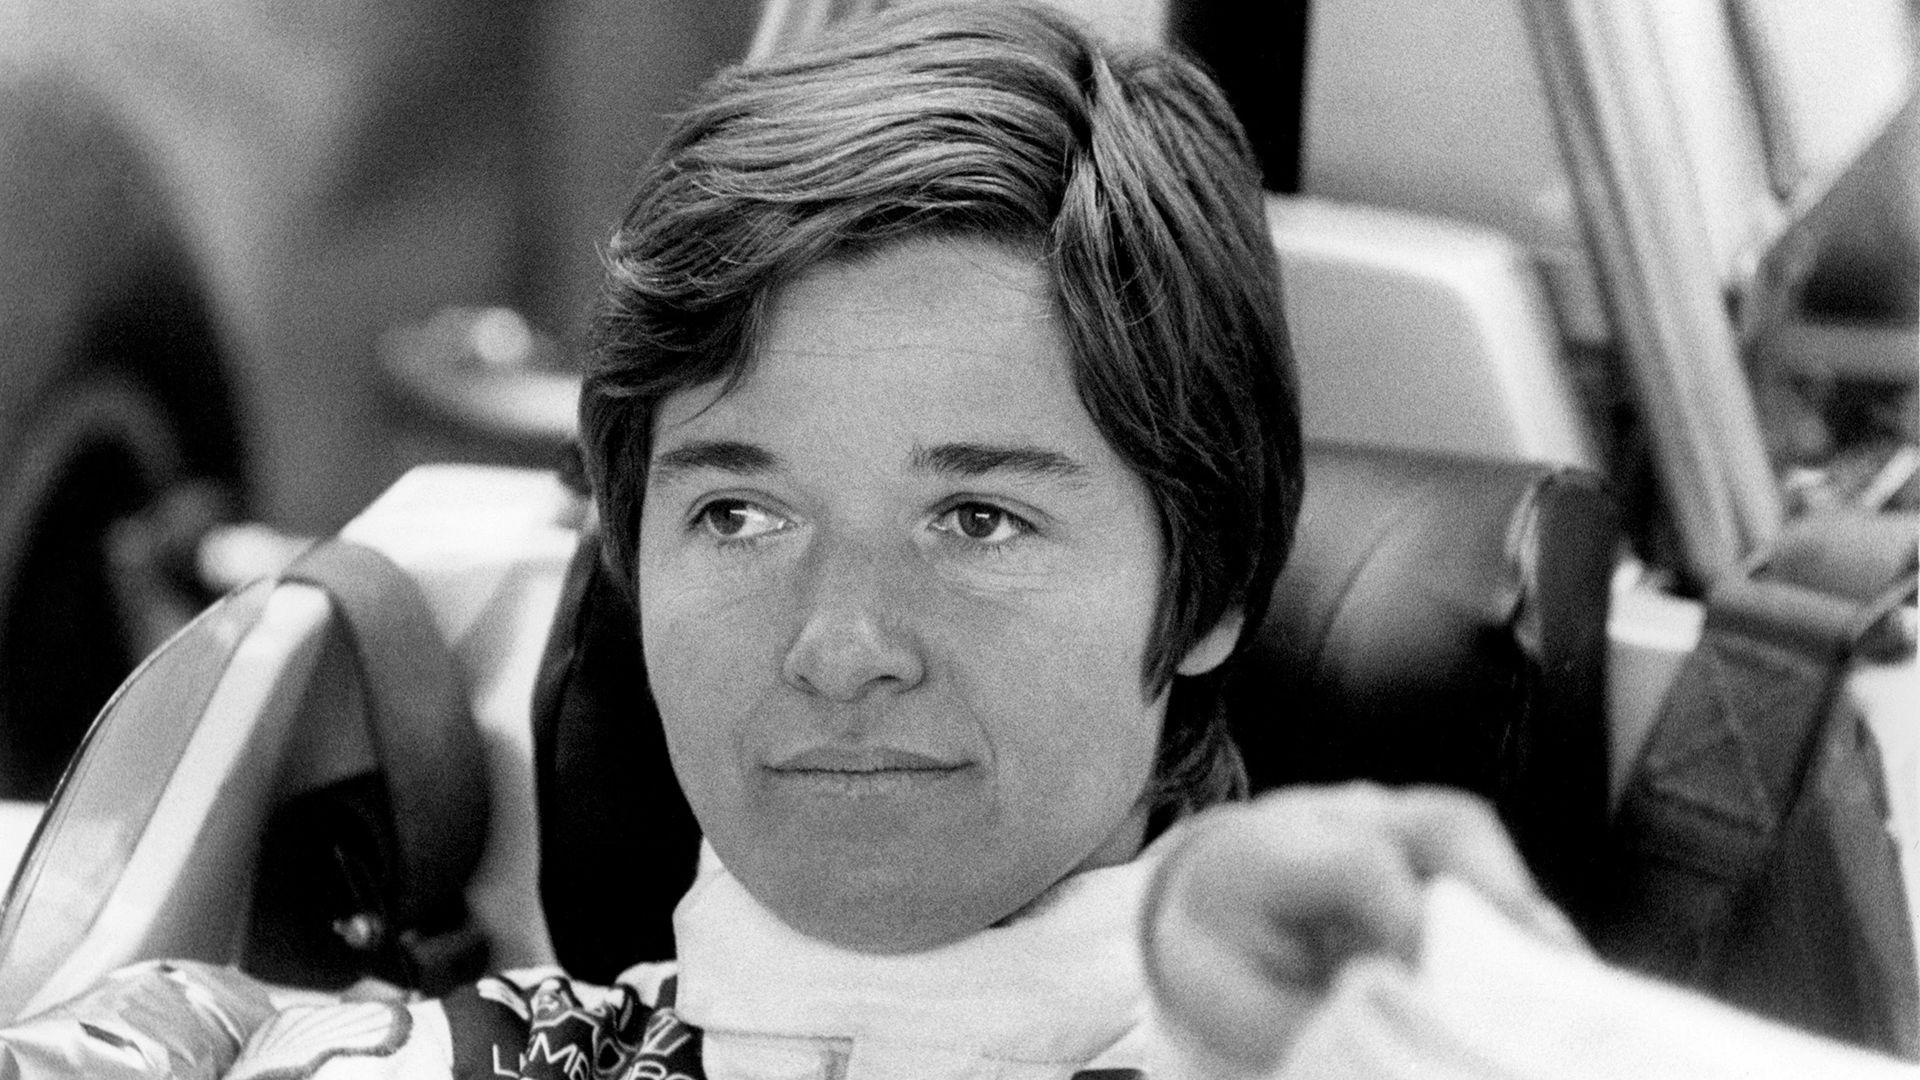 Lella Lombardi dejó su marca en la historia de la Fórmula 1 y del automovilismo en general.